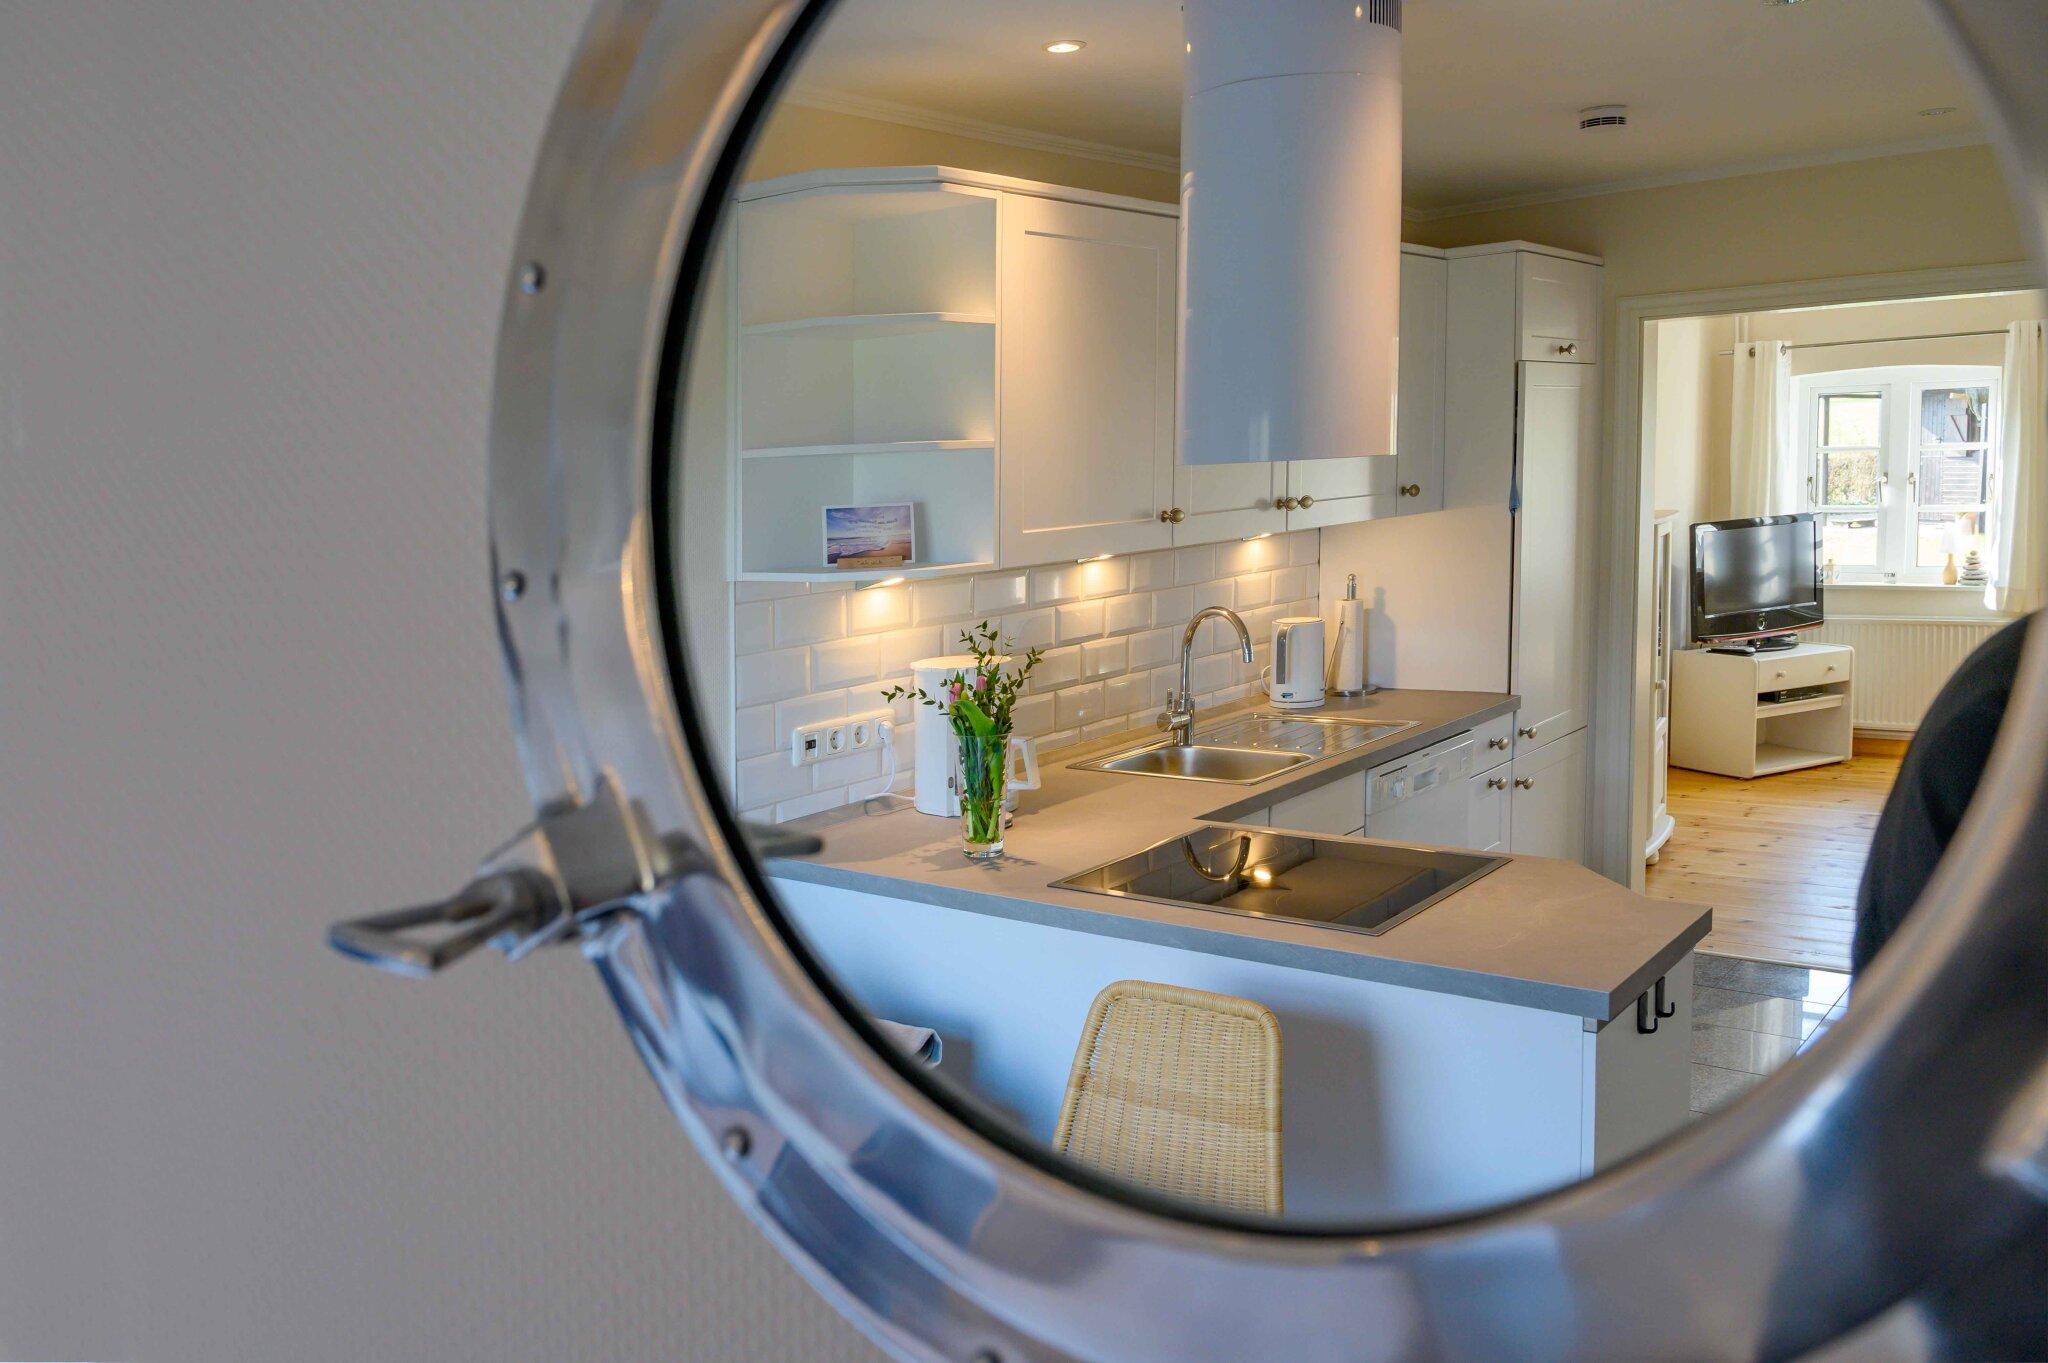 Küche im Spiegelbild